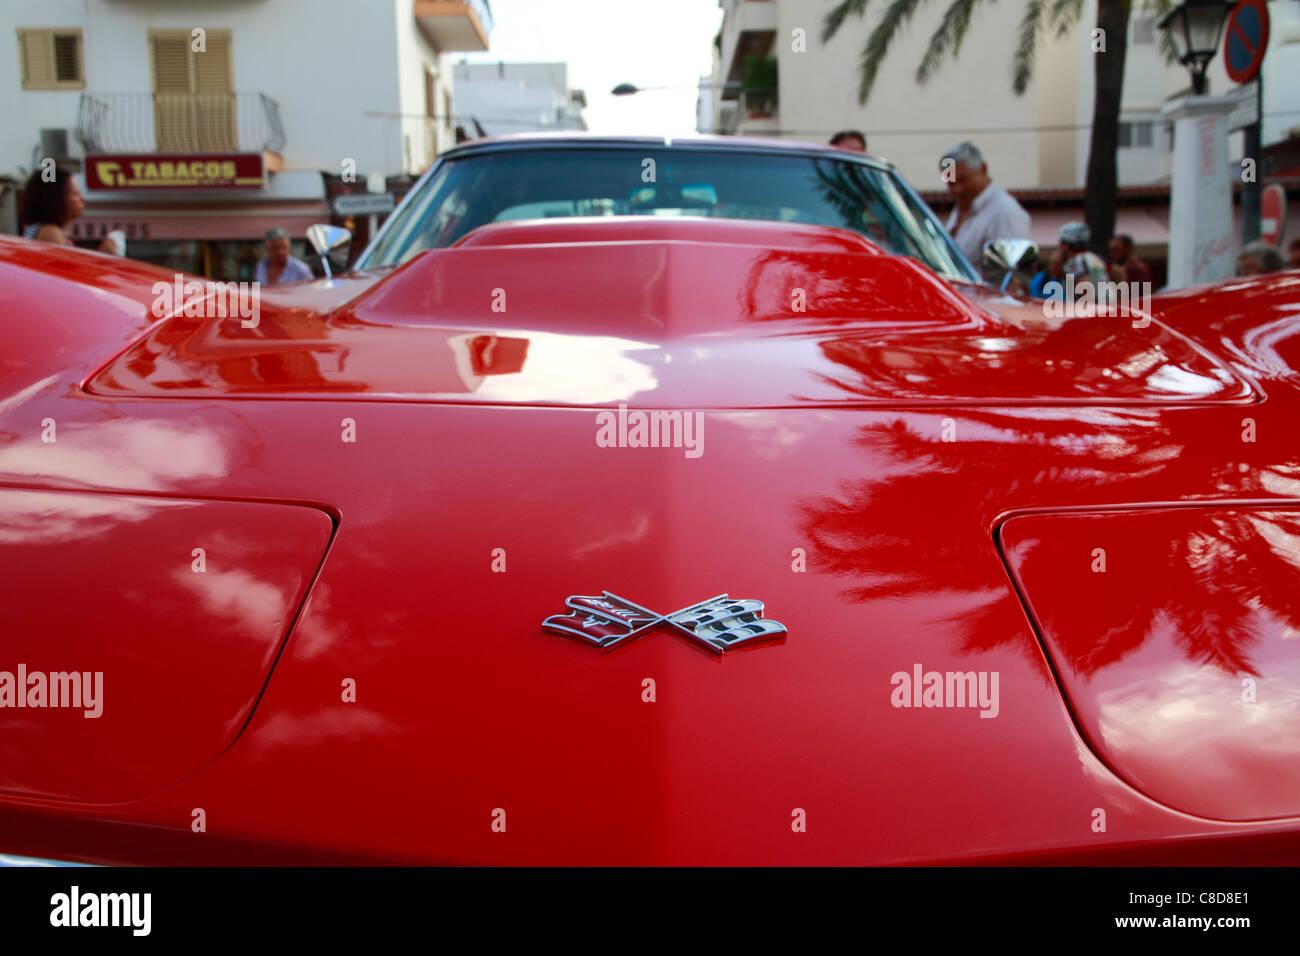 Chevrolet Corvette Stingray, bonnet detail - Stock Image